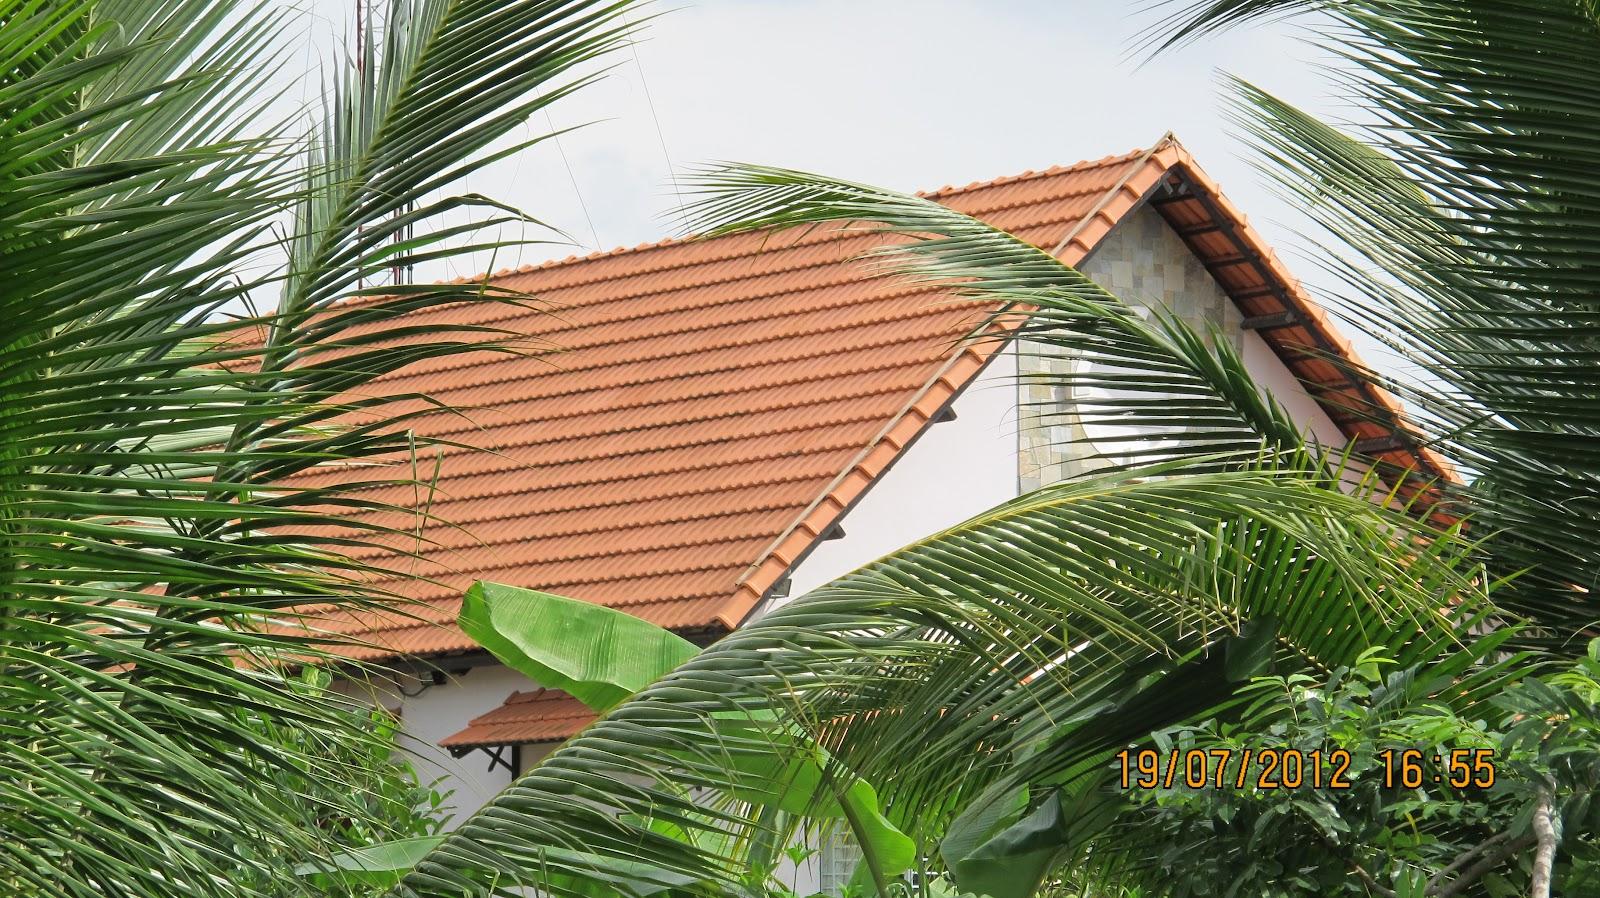 Ngói 10v/m2 Đồng Nai mới ra nhưng nhiều người thích, lợp mái biệt thự đẹp